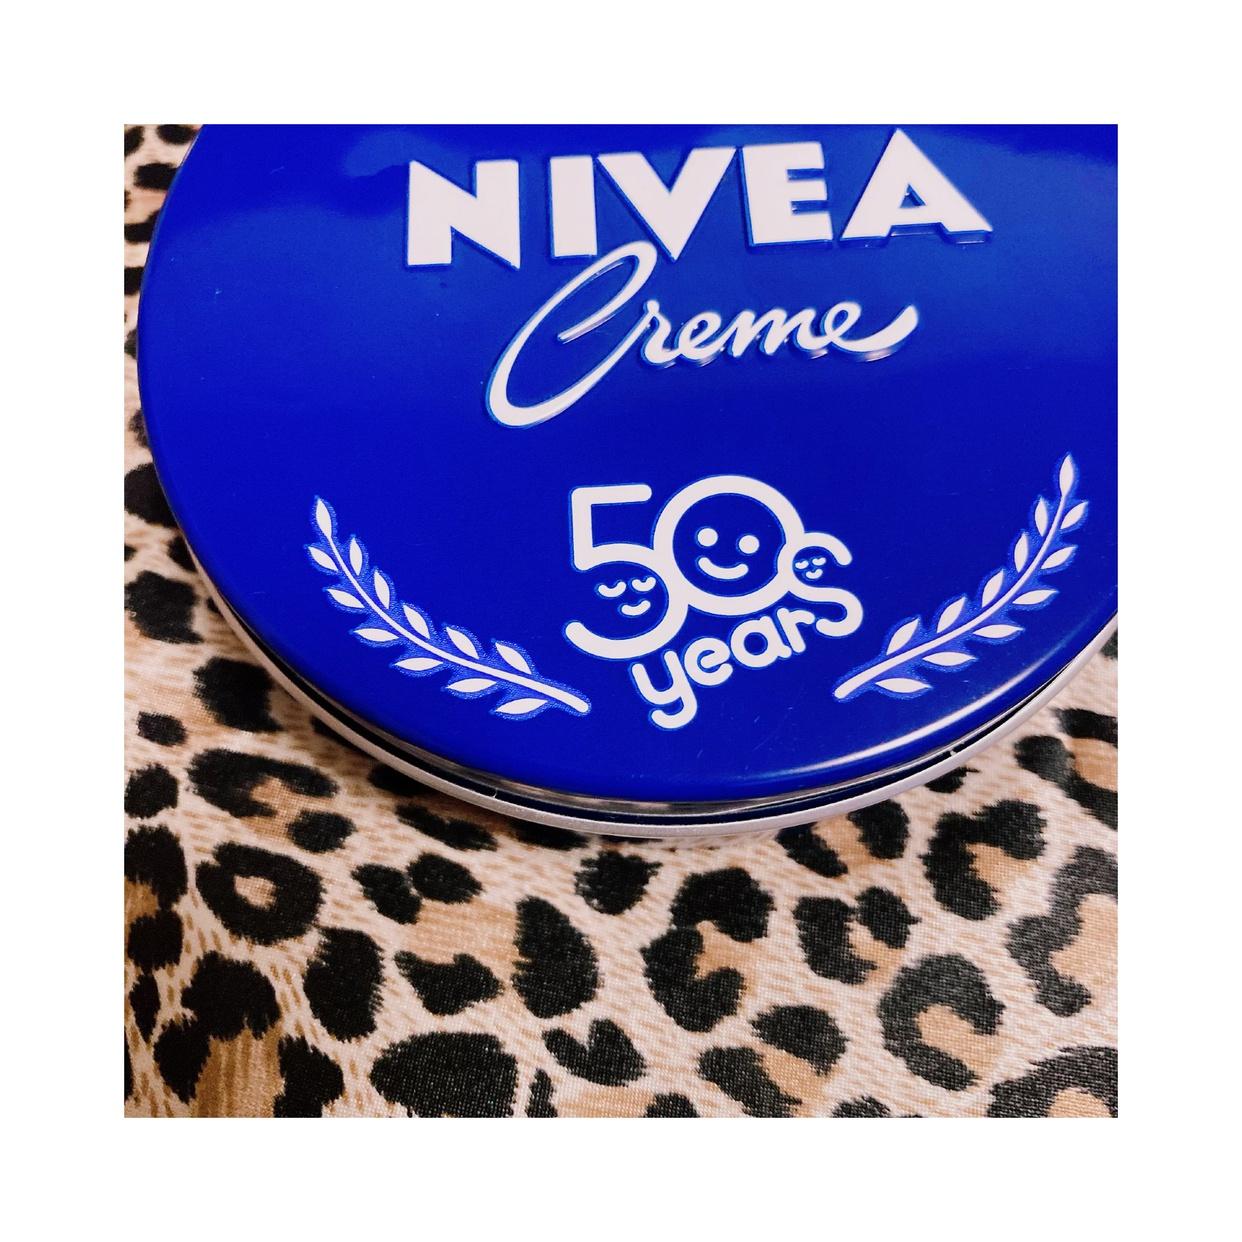 NIVEA(ニベア) クリーム(大缶)を使ったJUNKOさんのクチコミ画像